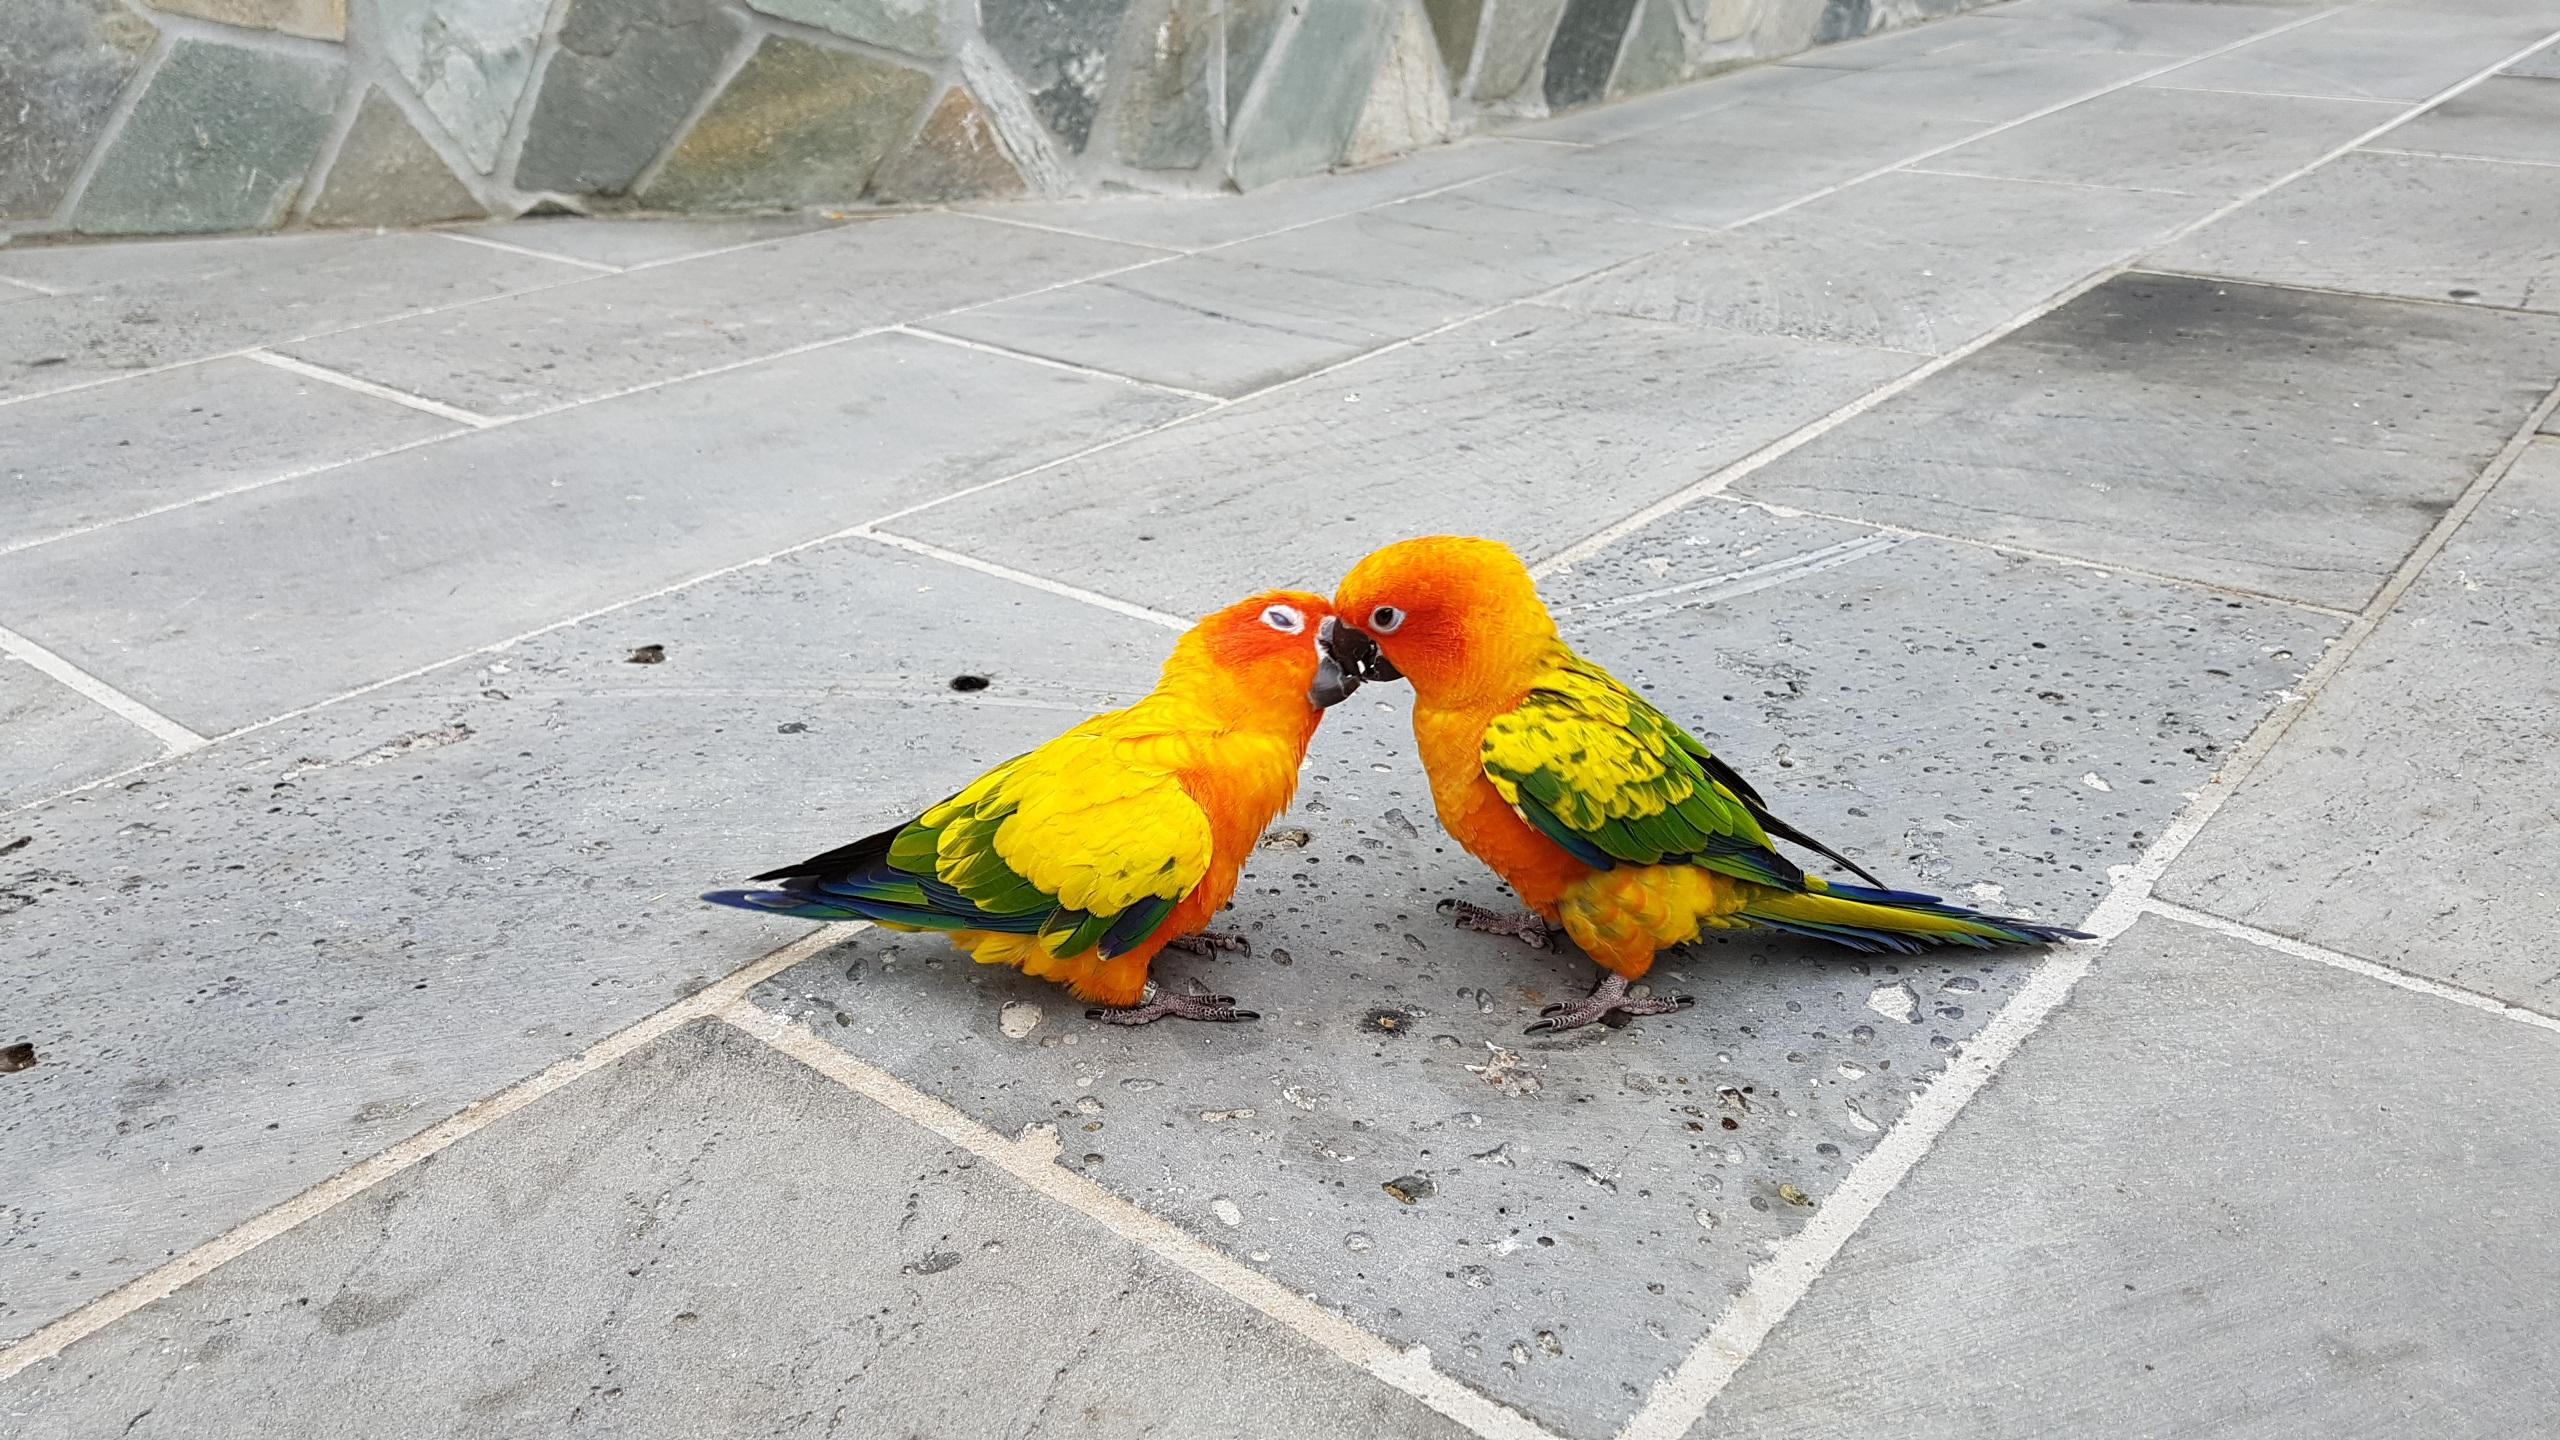 71 Foto Gambar Burung Lovebird Ciuman HD Terbaru Gratis